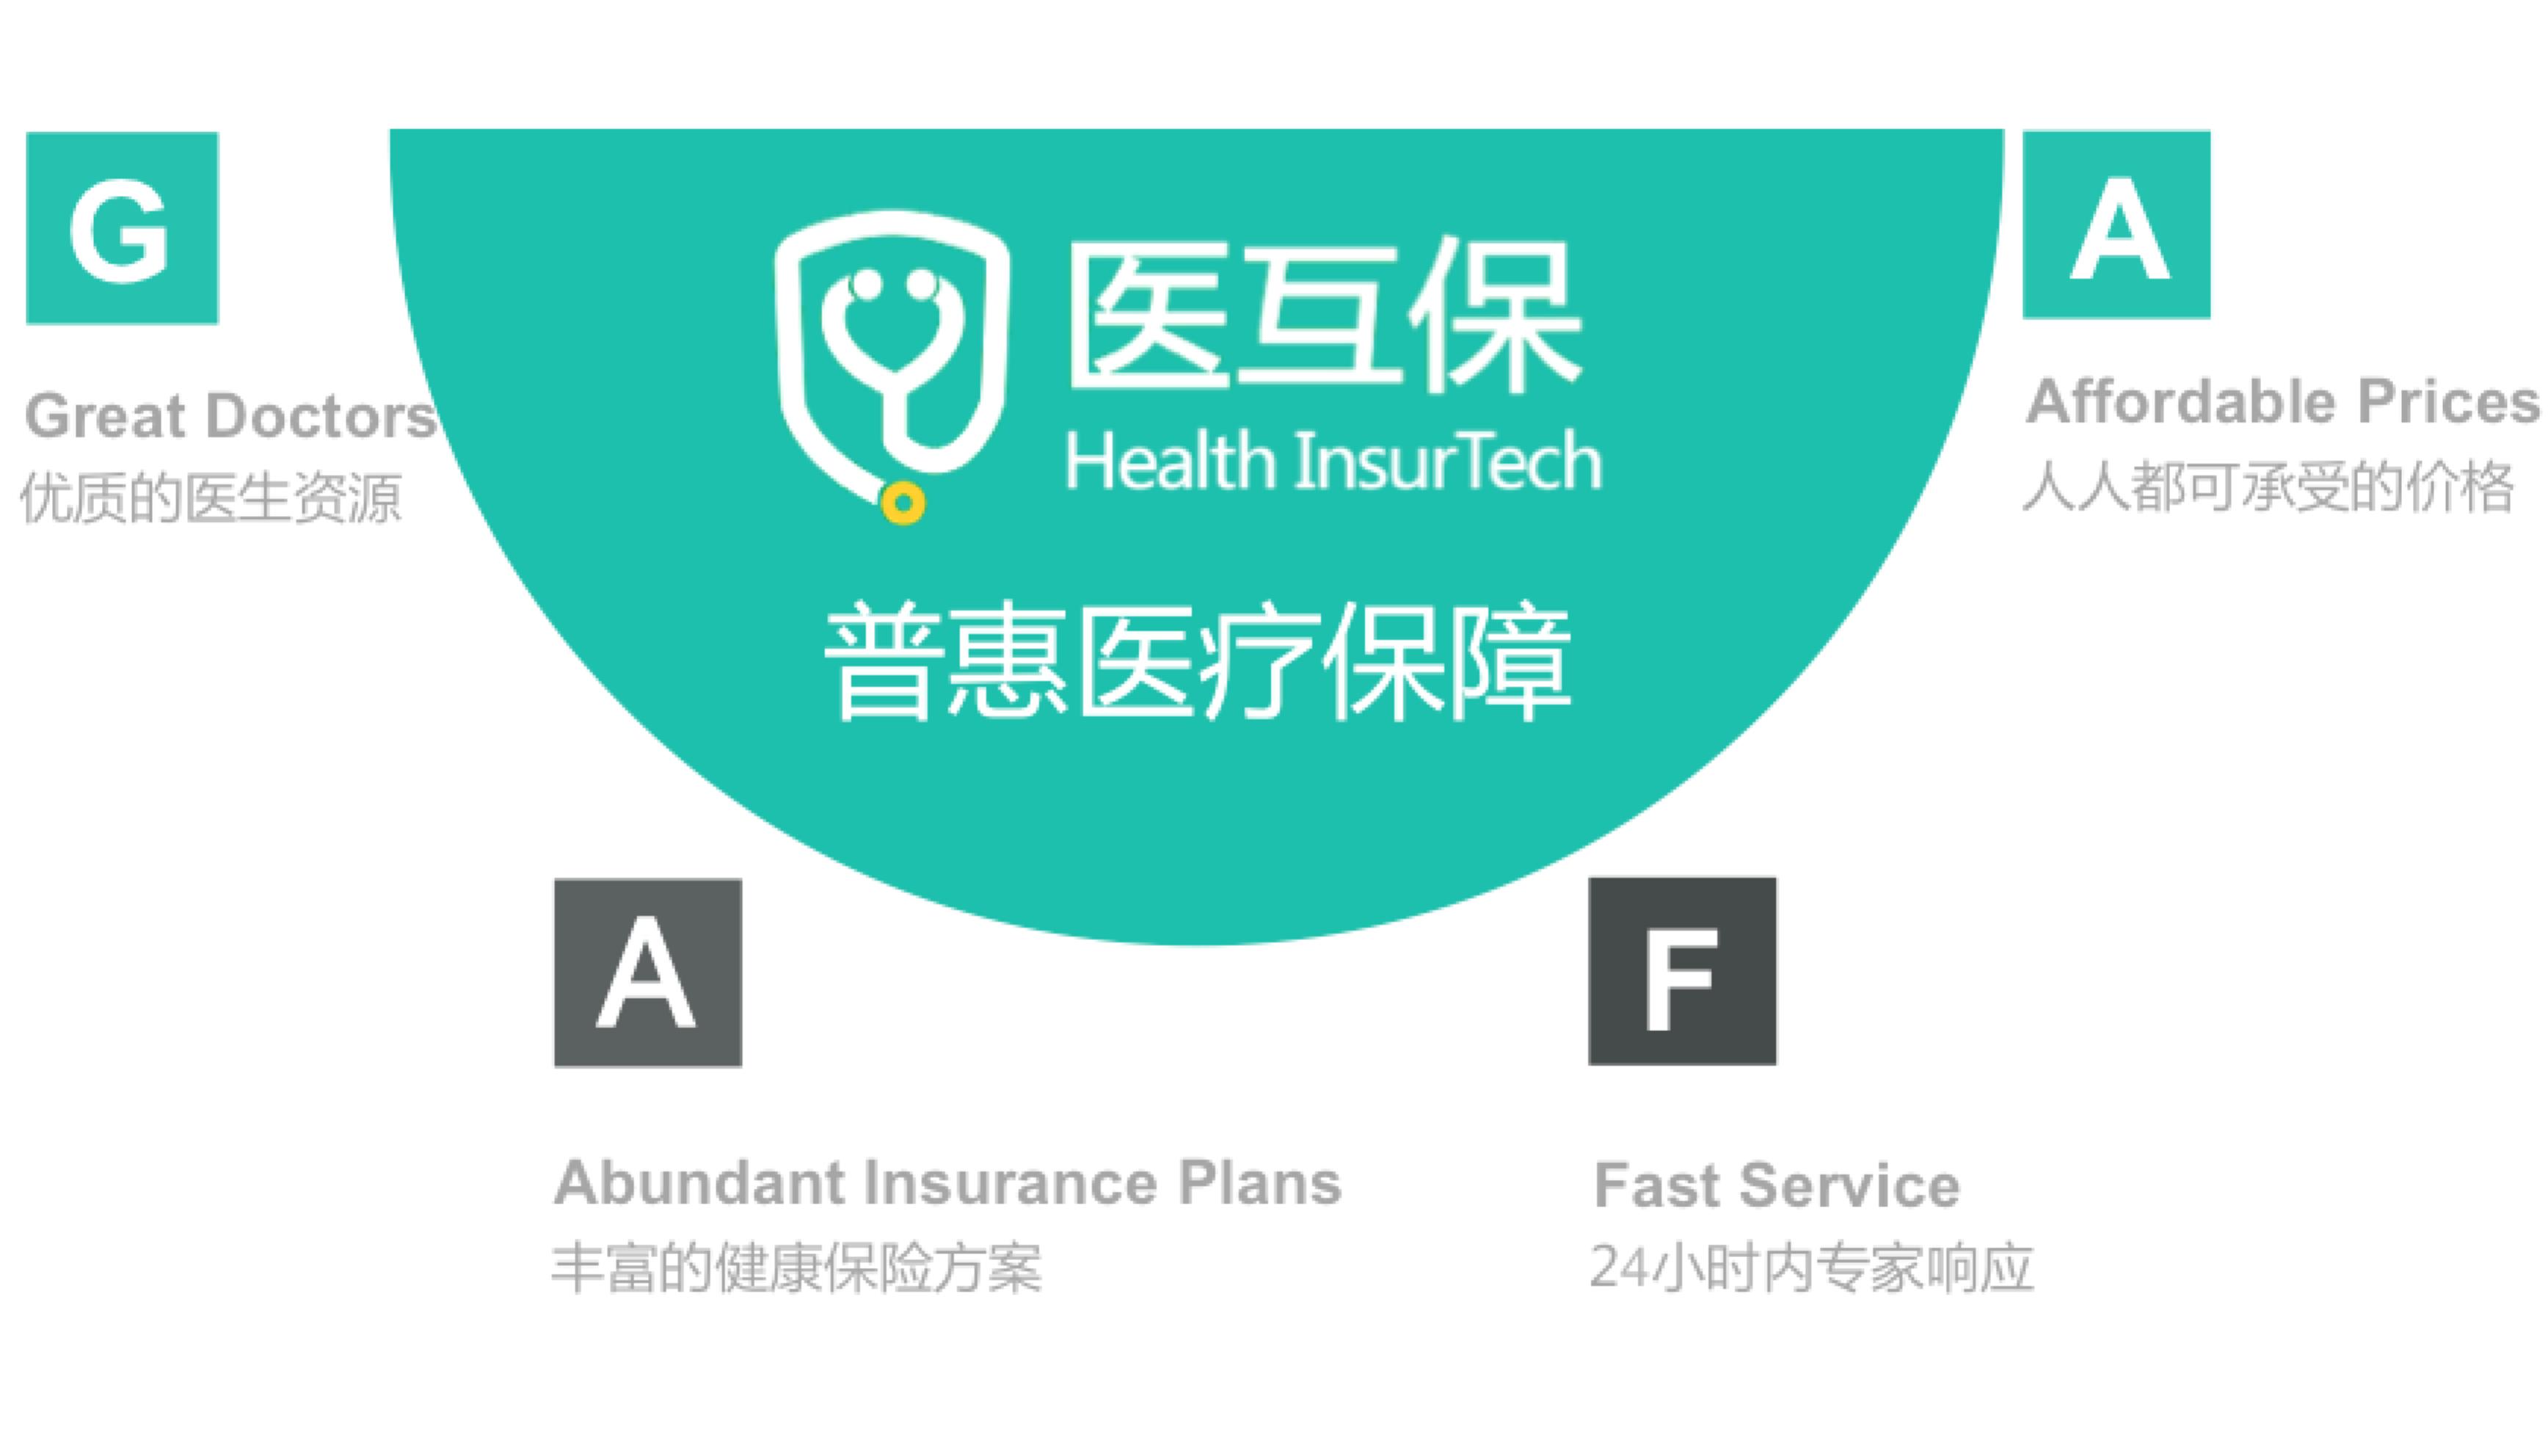 医互保与LifeShares达成战略合作,打造区块链普惠医疗保障平台